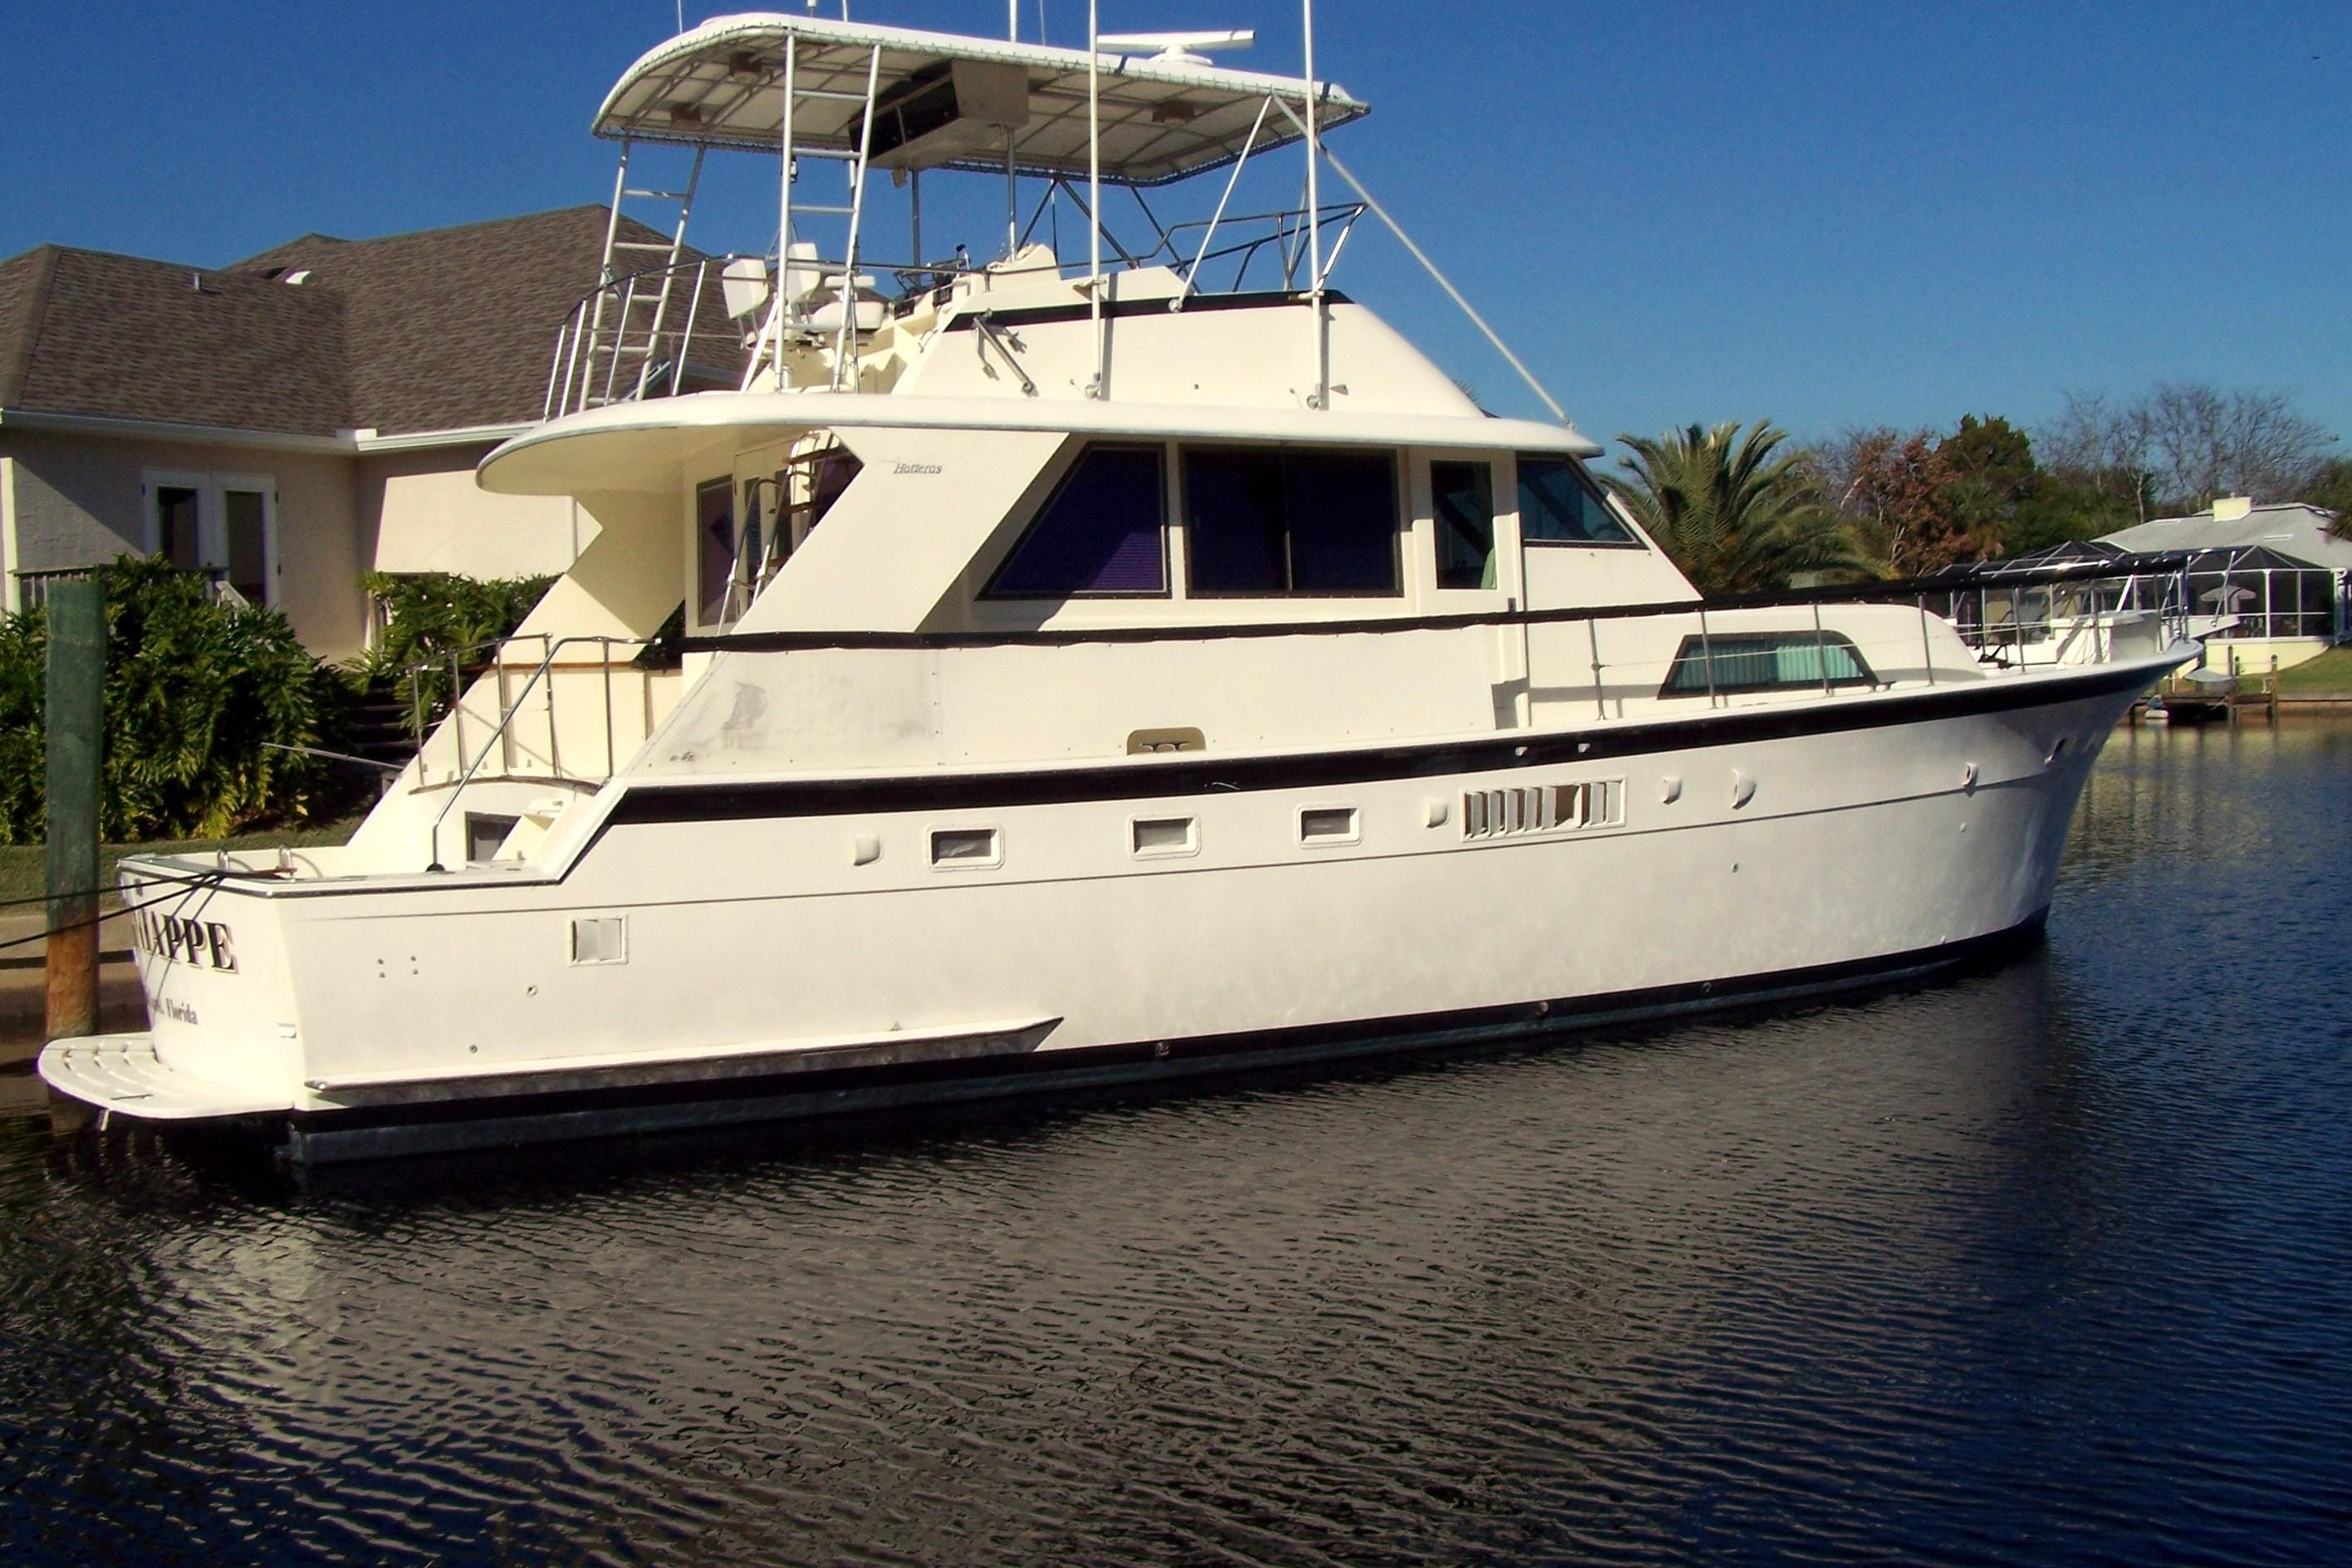 1978 Hatteras 53 Yacht Fisherman Power Boat For Sale Www